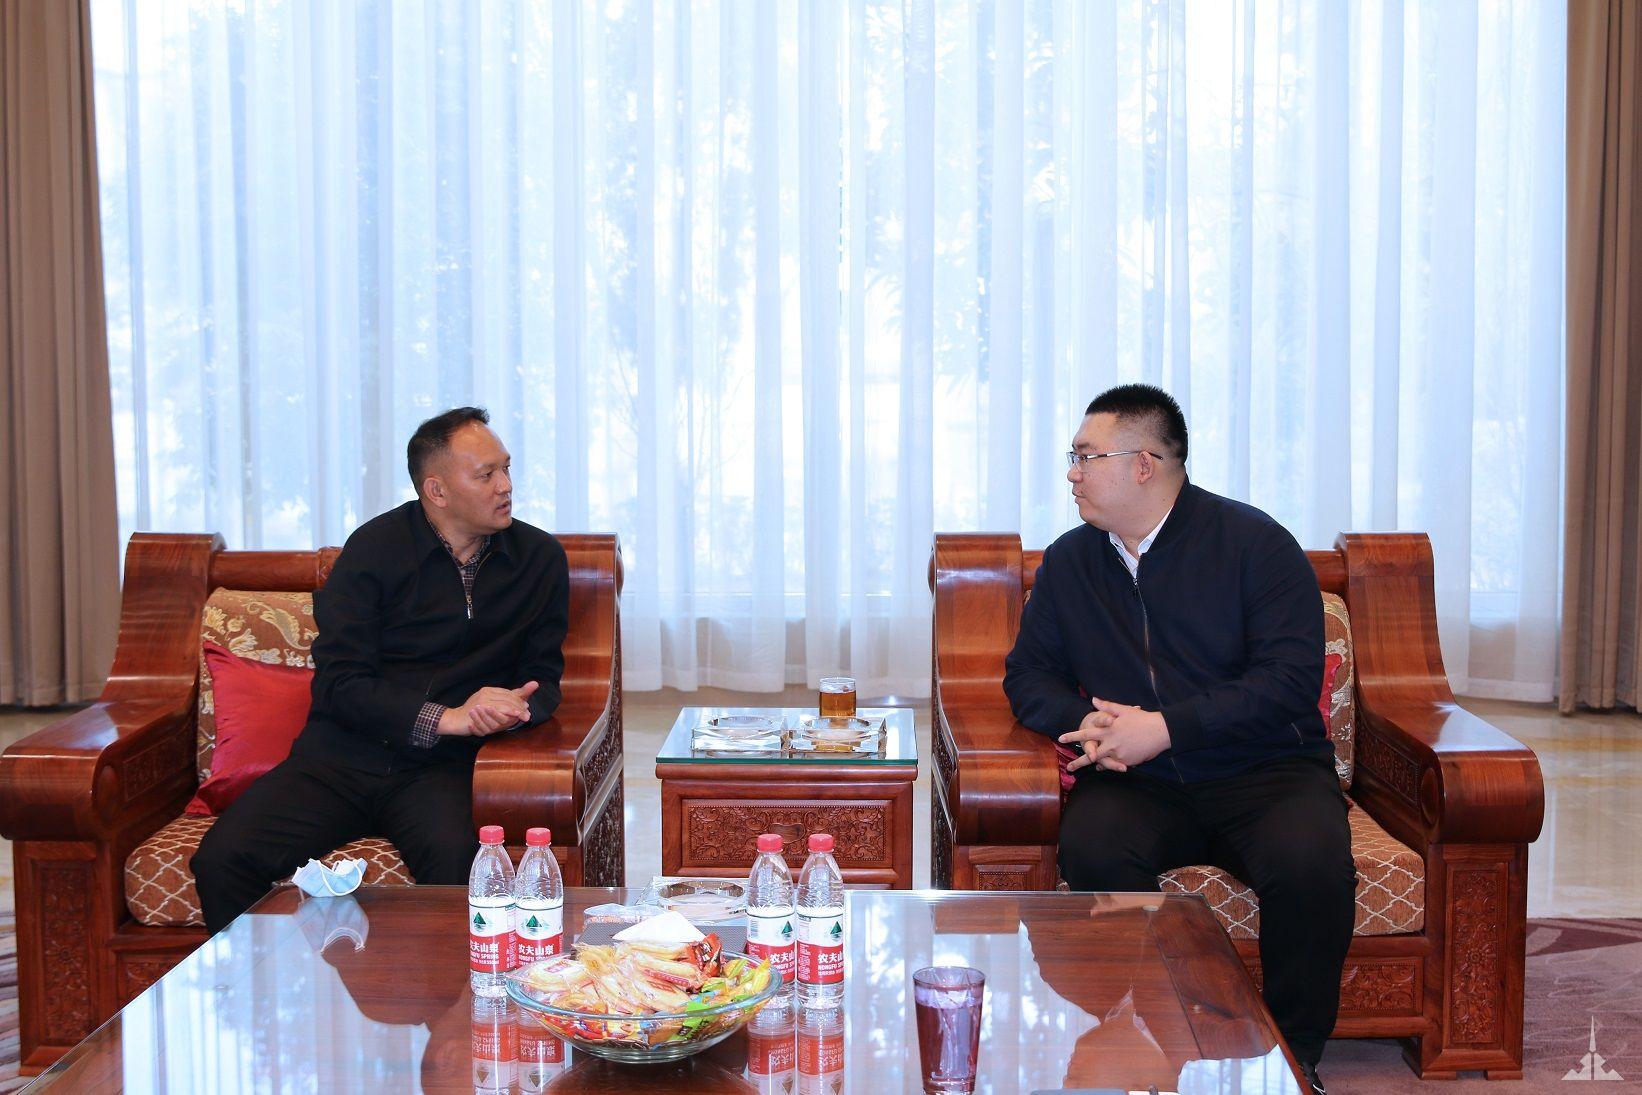 瑞丽市市长尚腊边慰问景成集团